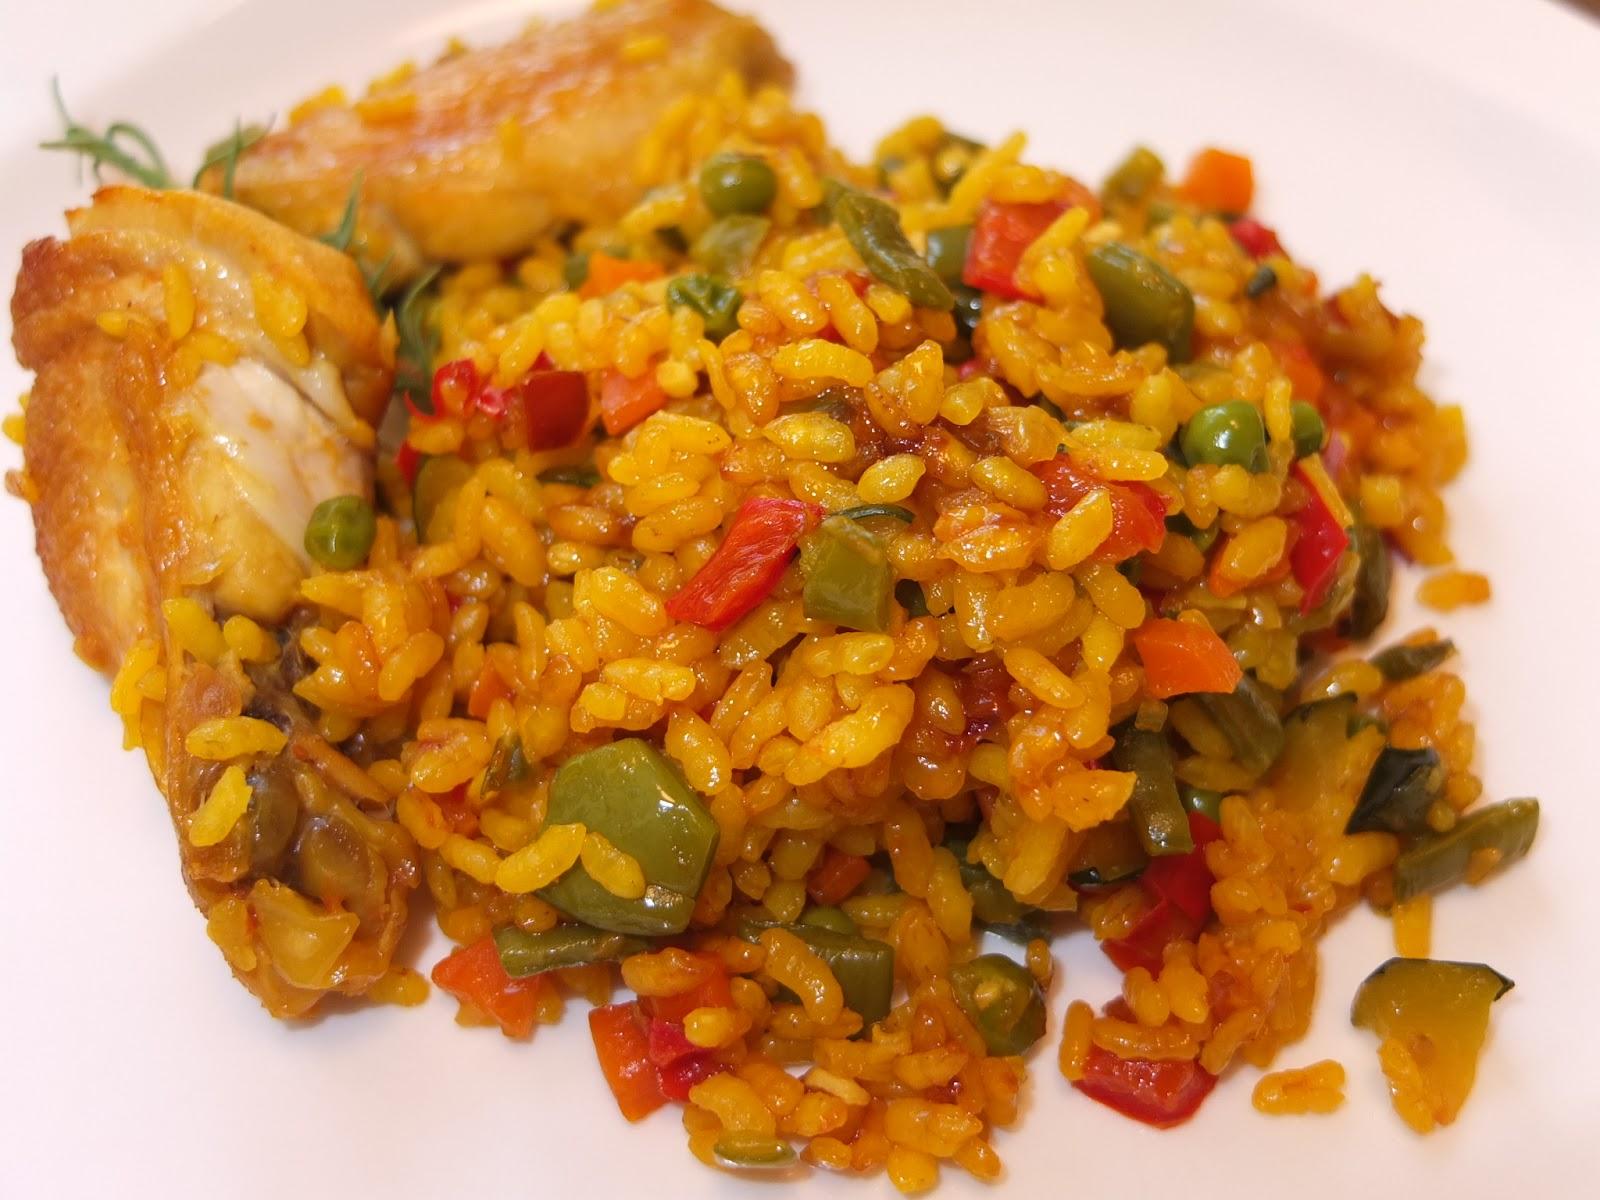 Cocinando con lola garc a arroz con verduras y alitas de - Arroz con pescado y verduras ...